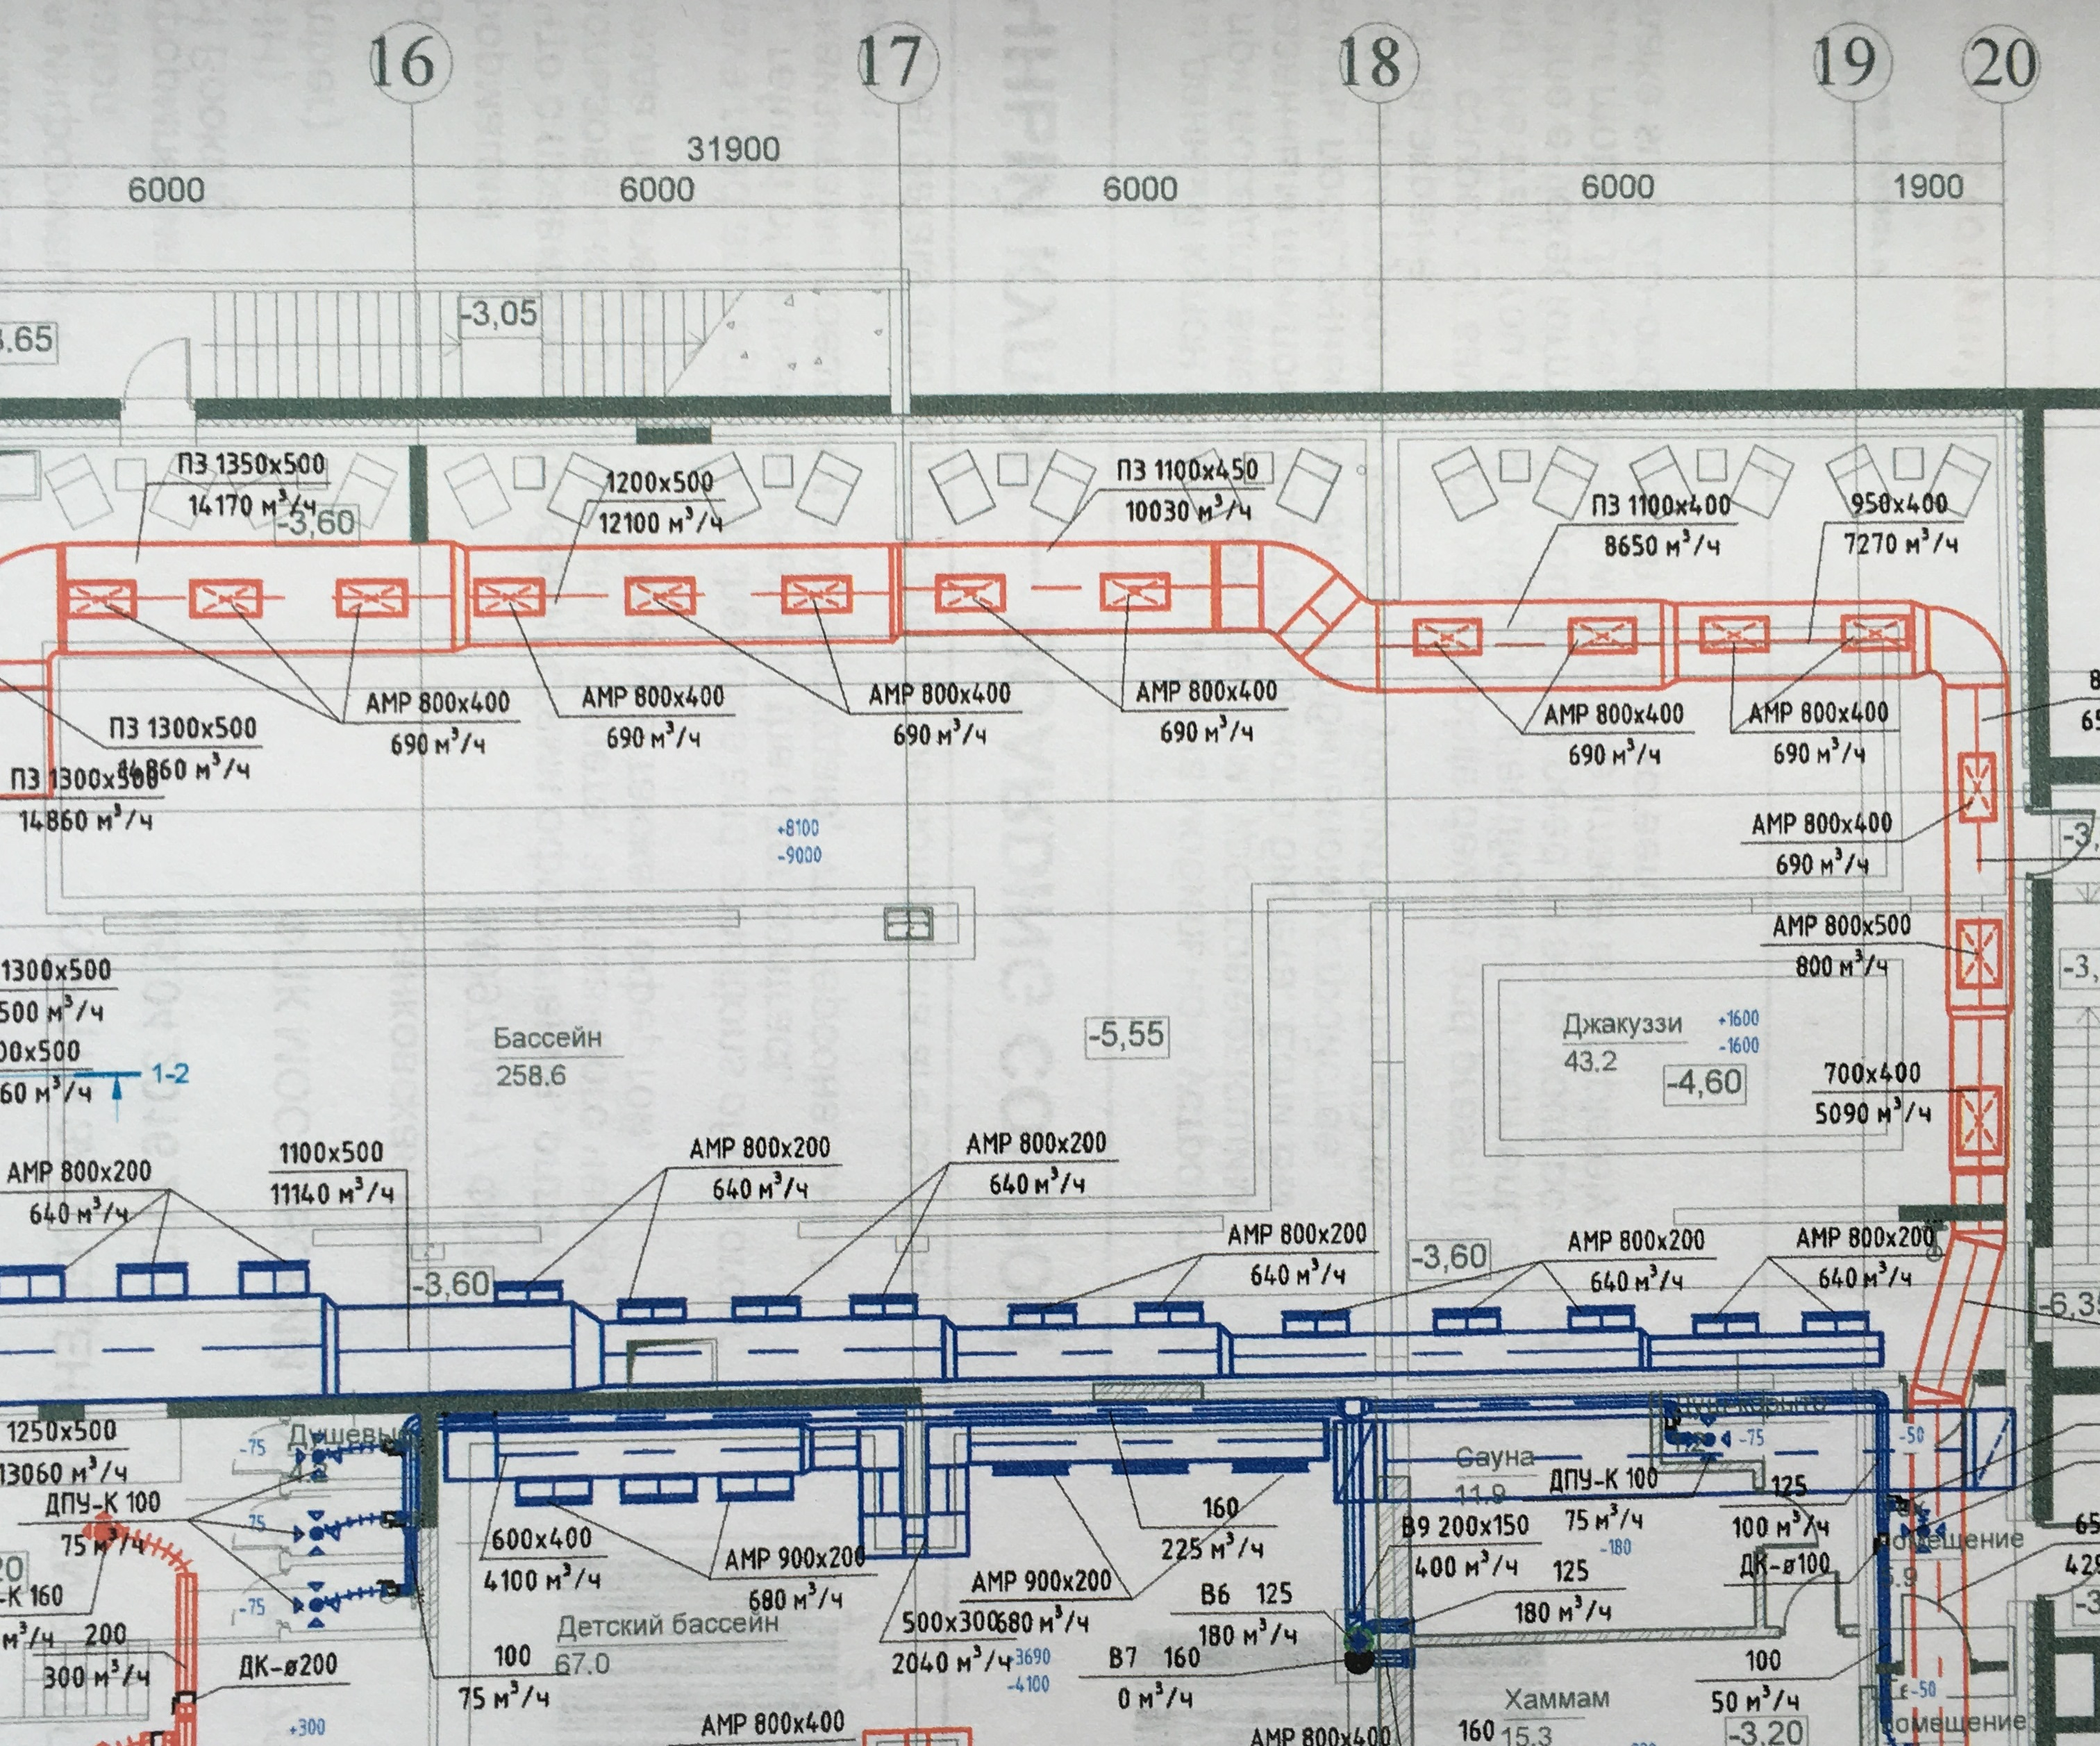 Проектирование многоэтажных жилых домов, зданий и